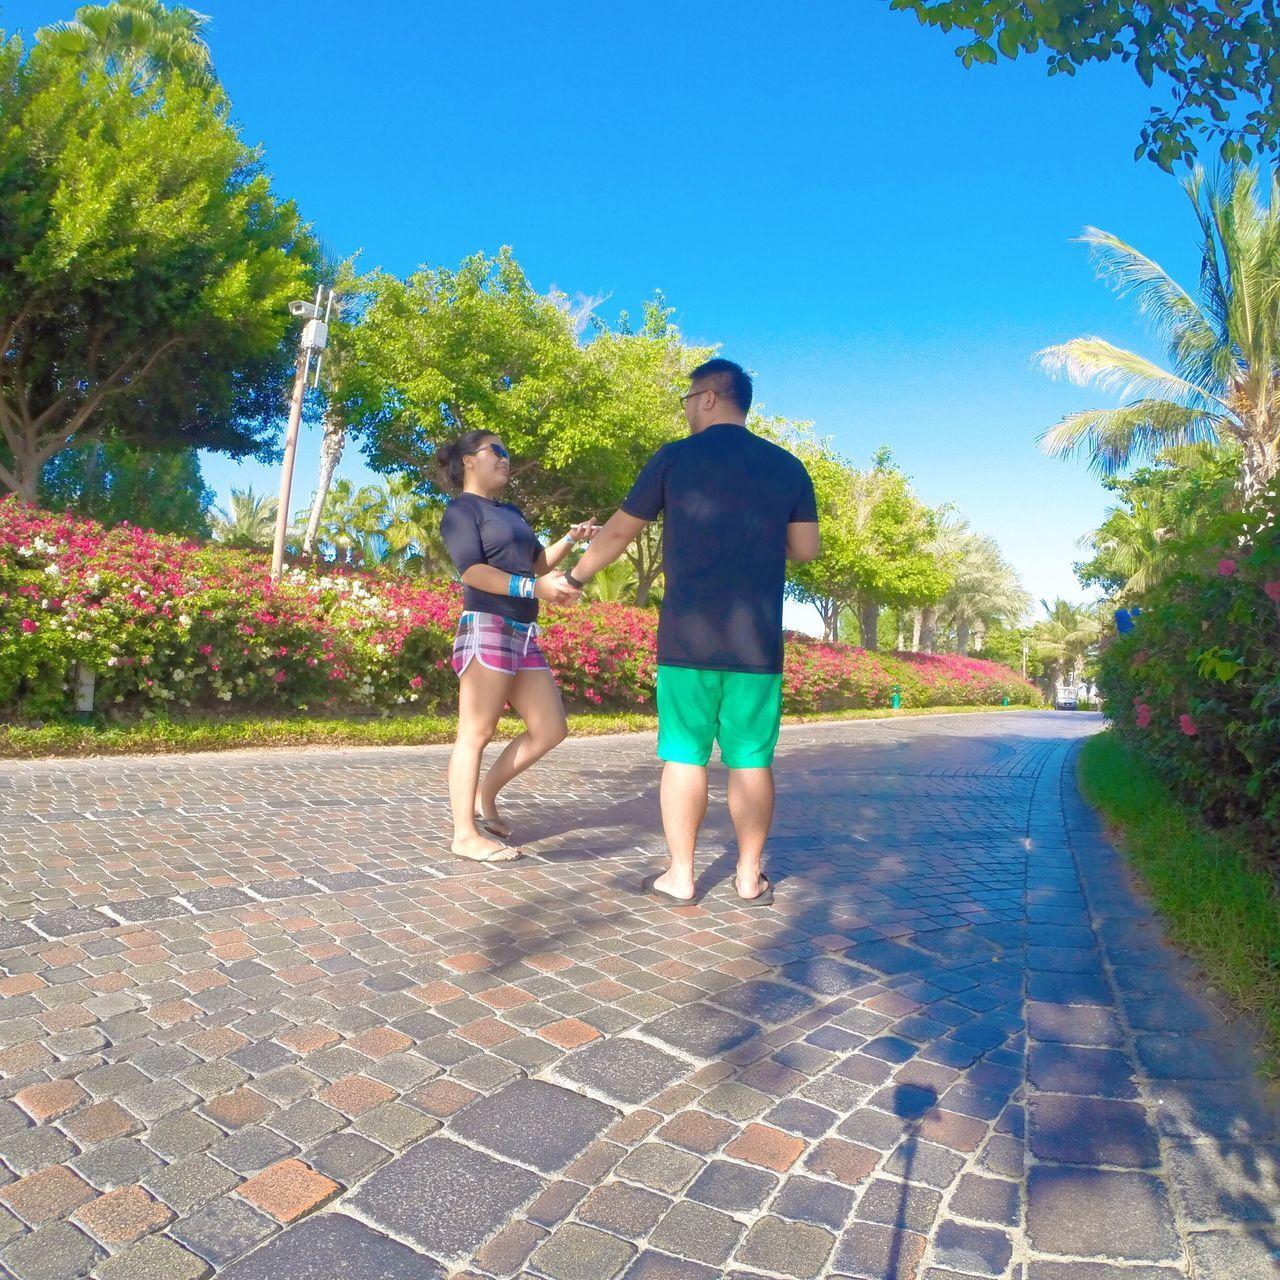 Bae ❤️ Atlantis ThePalm AtlantisAquaventure Dubai Iphoneonly Gopro Goproshot UAE EyeEm Best Shots EyeEm Nature Lover Uae #dubai #sharjah #ajman #rak #fujairah #alain #abudhabi #ummalquwain #instagood #instamood #instalike #mydubai #myuae #dubaigems #emirates #dxb #myabudhabi #shj #insharjah #qatar Oman Bahrain Kuwait Ksa [ EyeEm Gallery Summer Palmtrees Beachbum Summer Views Nature